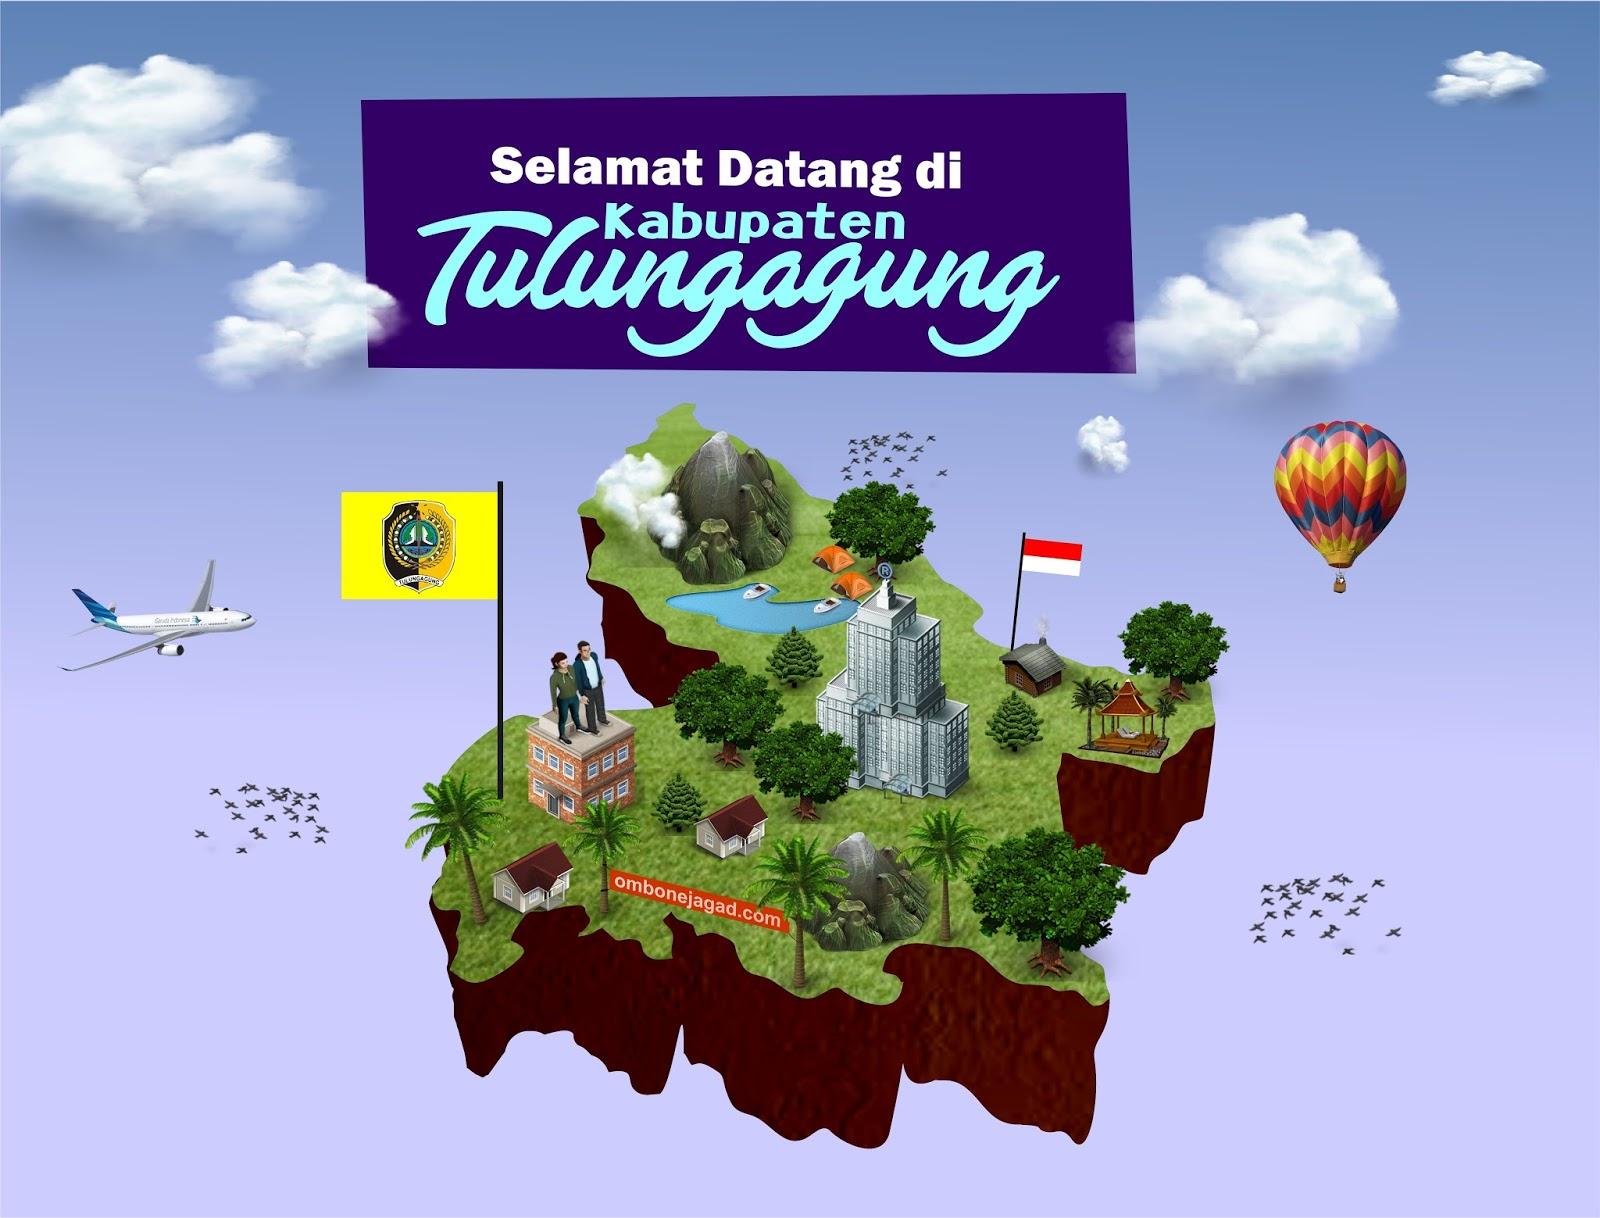 Daftar Tempat Wisata Tulungagung Edisi Terlengkap Ombonejagad Salah Satu Kabupaten